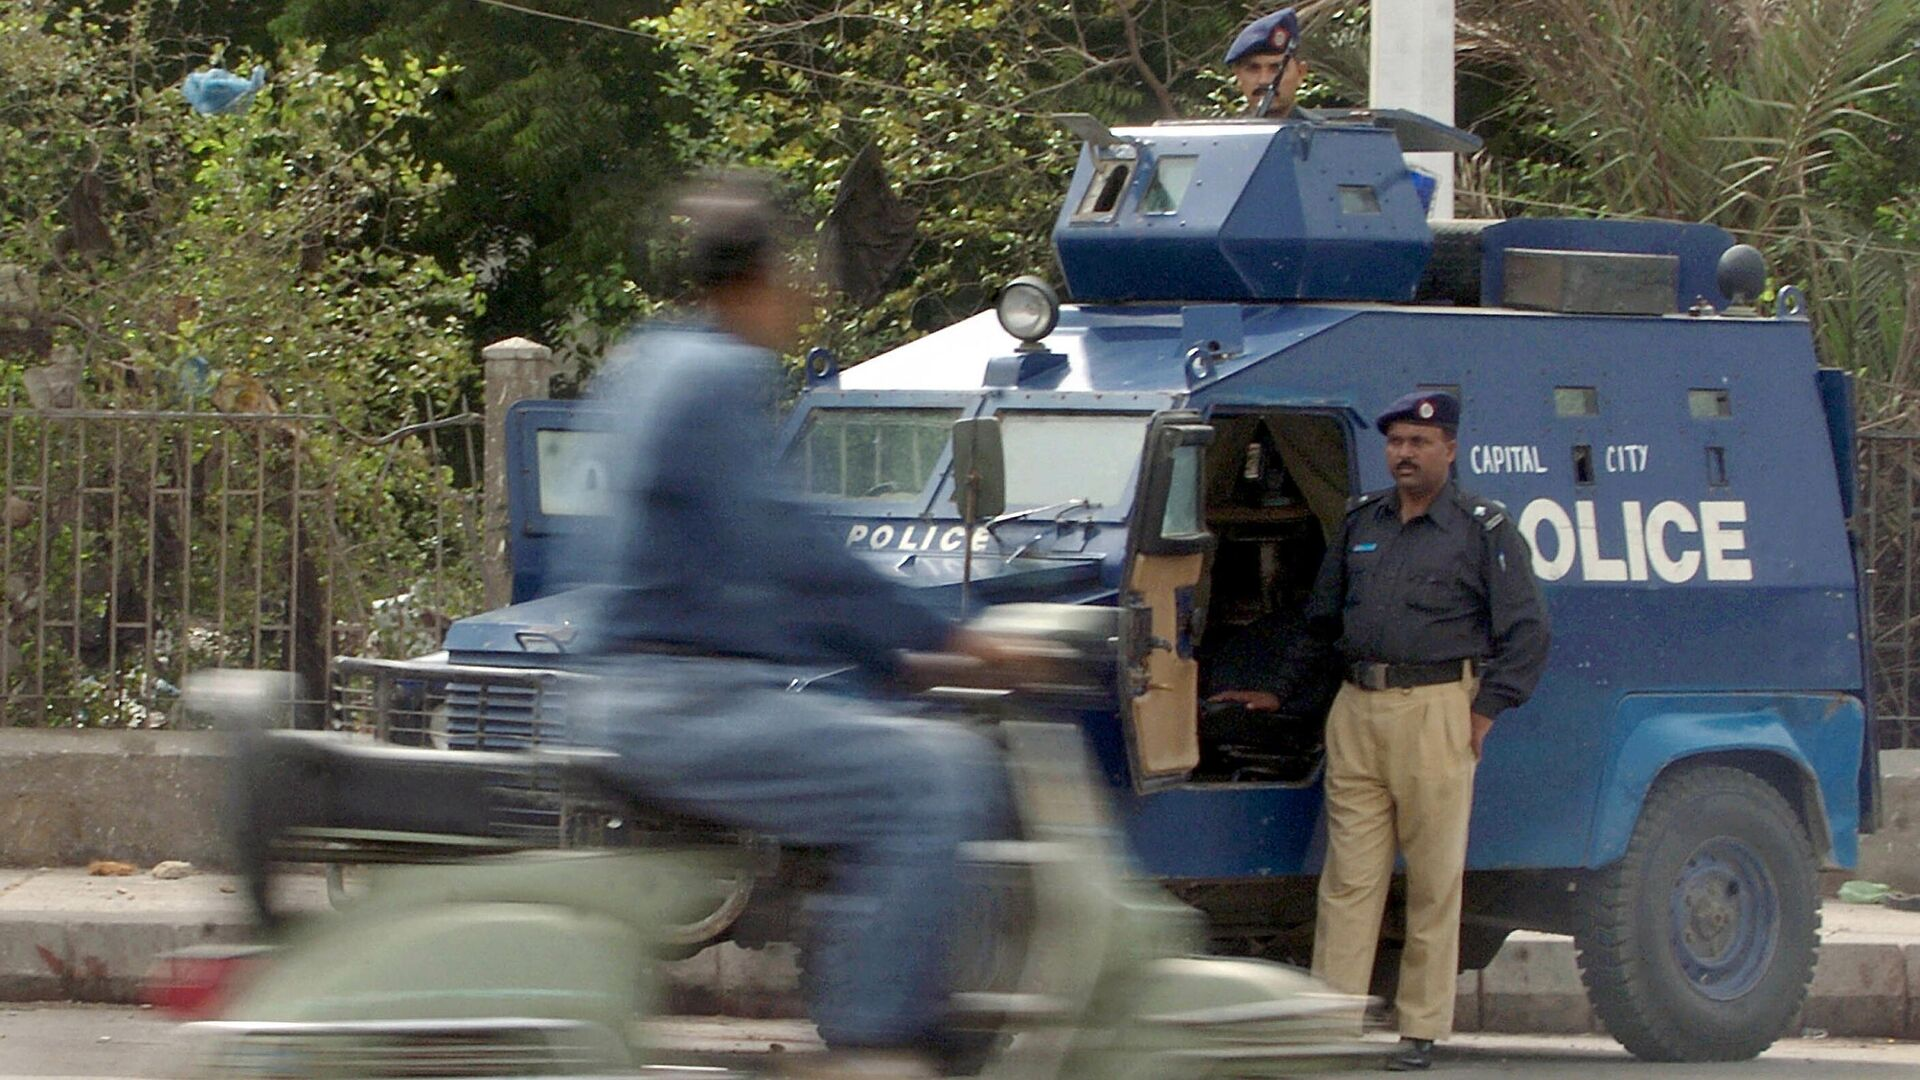 Pakistanische Polizei (Symbolbild)  - SNA, 1920, 11.06.2021